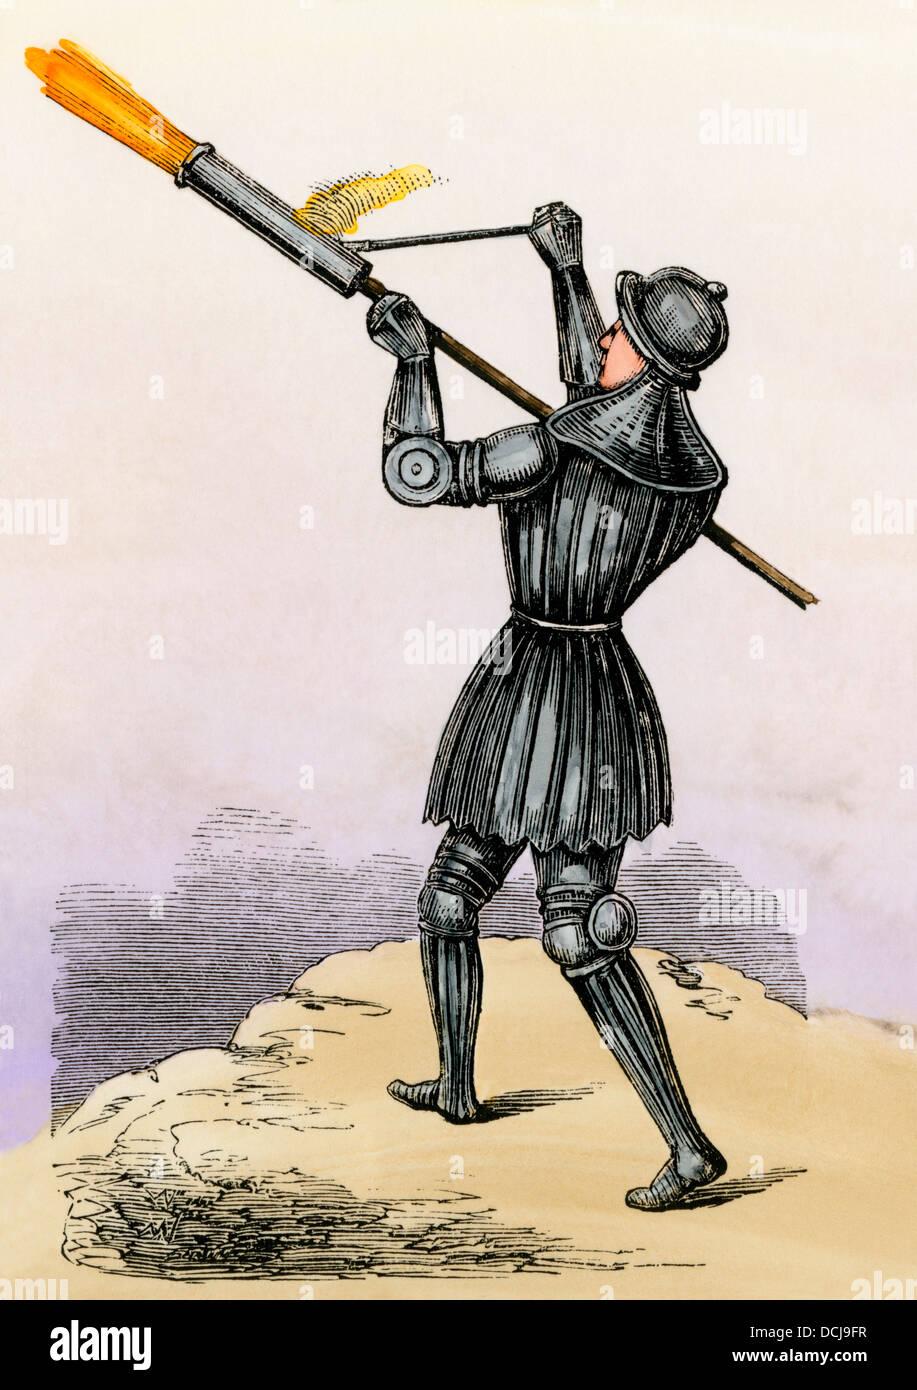 Hand - bombardieren, ein in der Hand gehaltenes Kanone der 1400 s, vielleicht der erste tragbare Feuerwaffe. Hand Stockbild